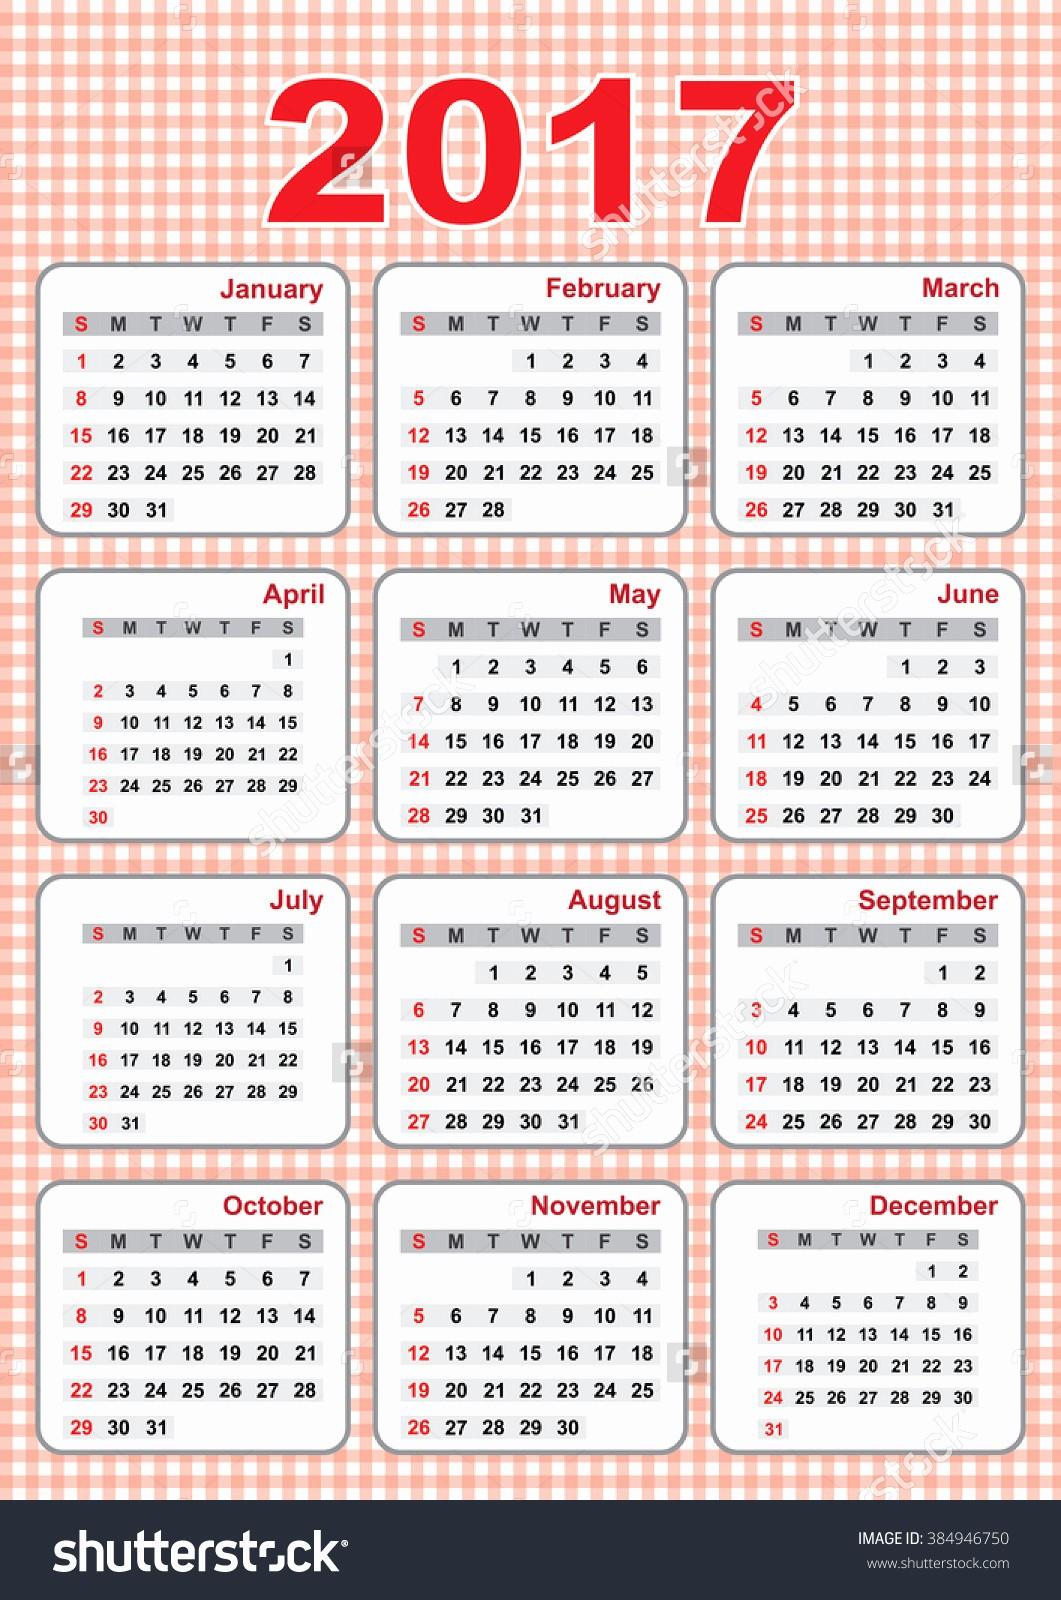 2017 Full Year Calendar Template Beautiful 2017 Calendar Full Image